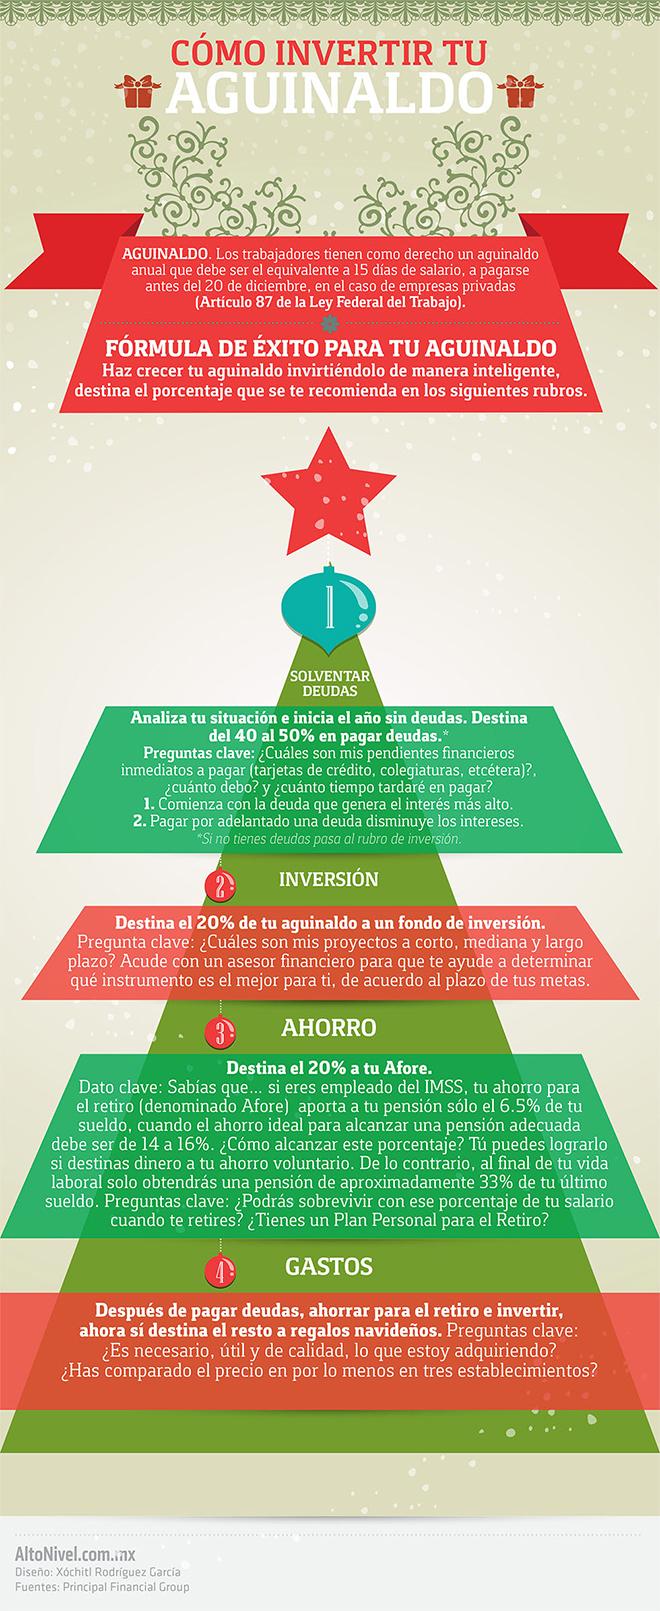 info-invertir-aguinaldo